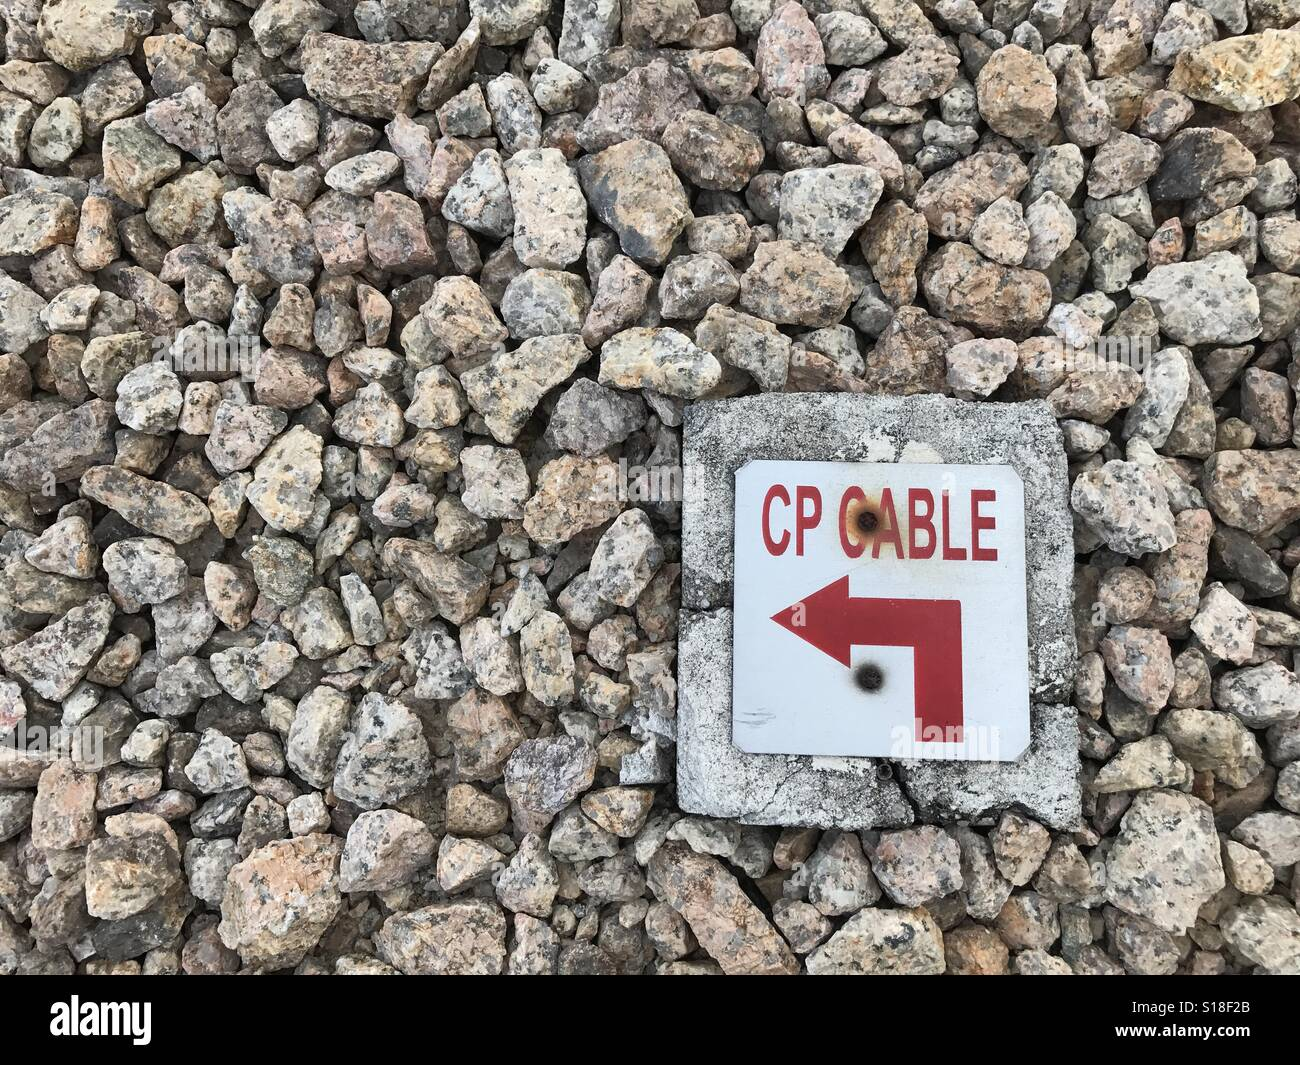 Kabelbezeichnung für Erdkabel Stockfoto, Bild: 310588723 - Alamy